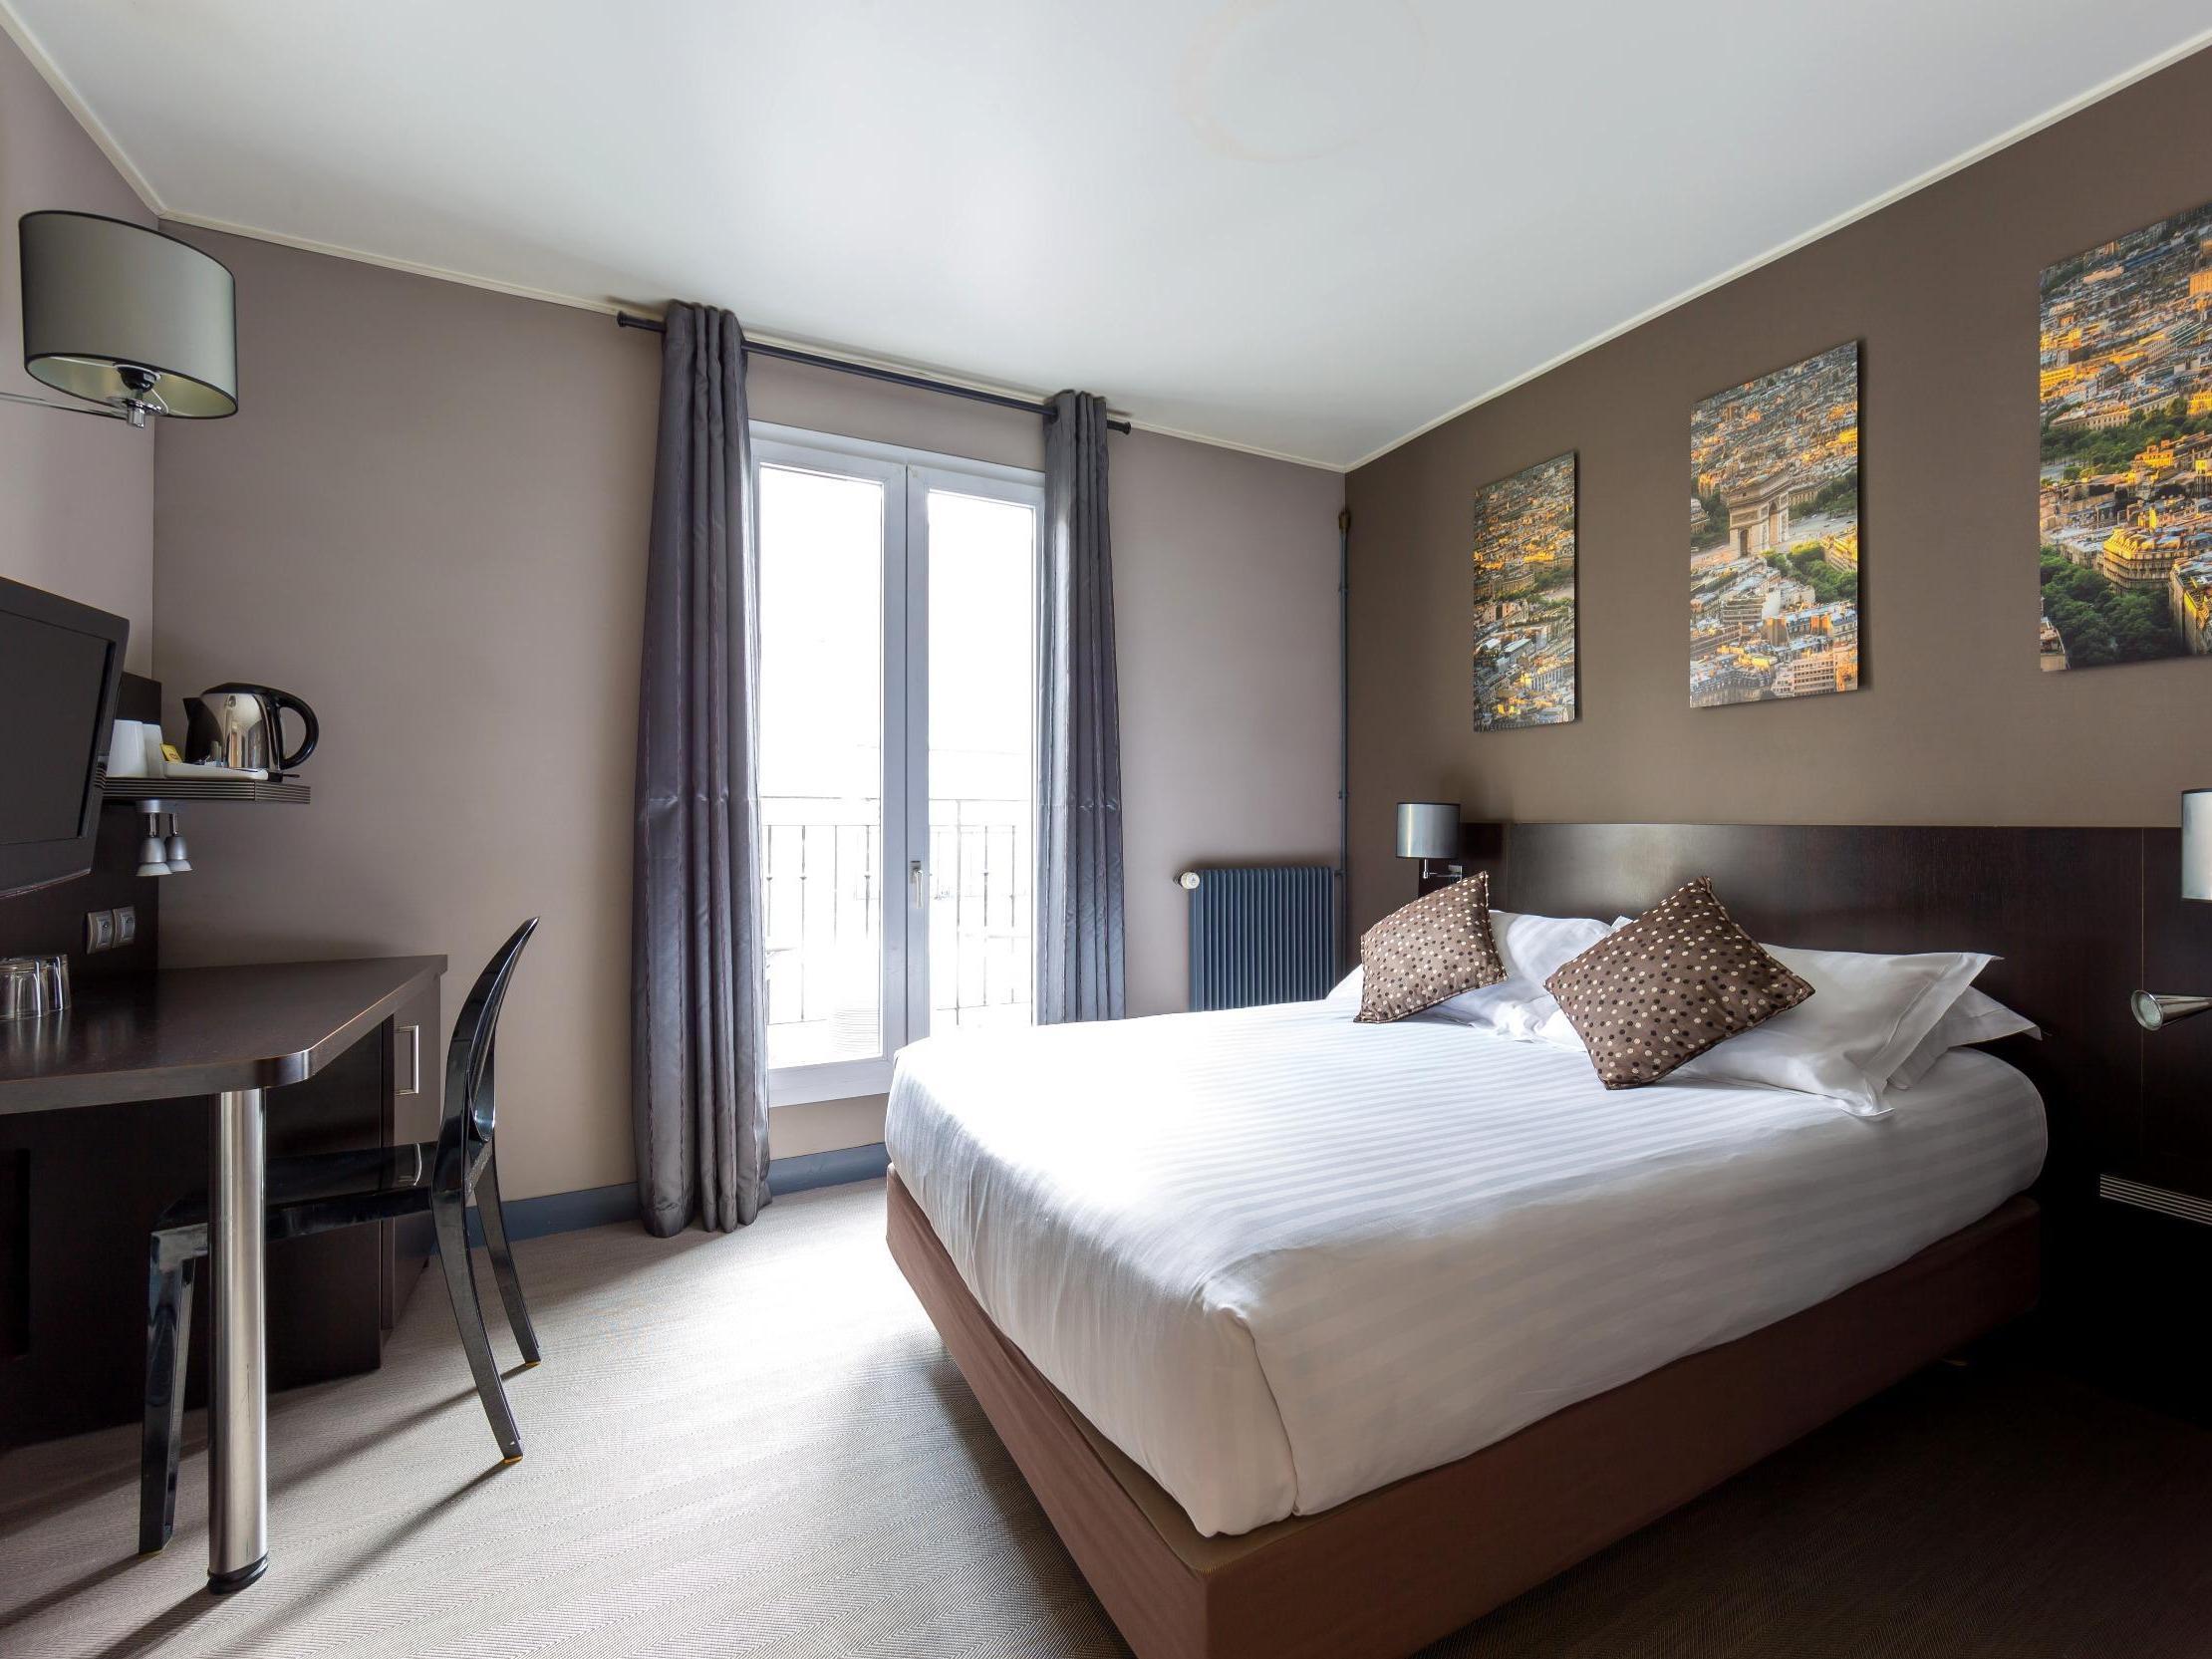 Htel Jardin De Villiers Logis Paris Stay Ile France